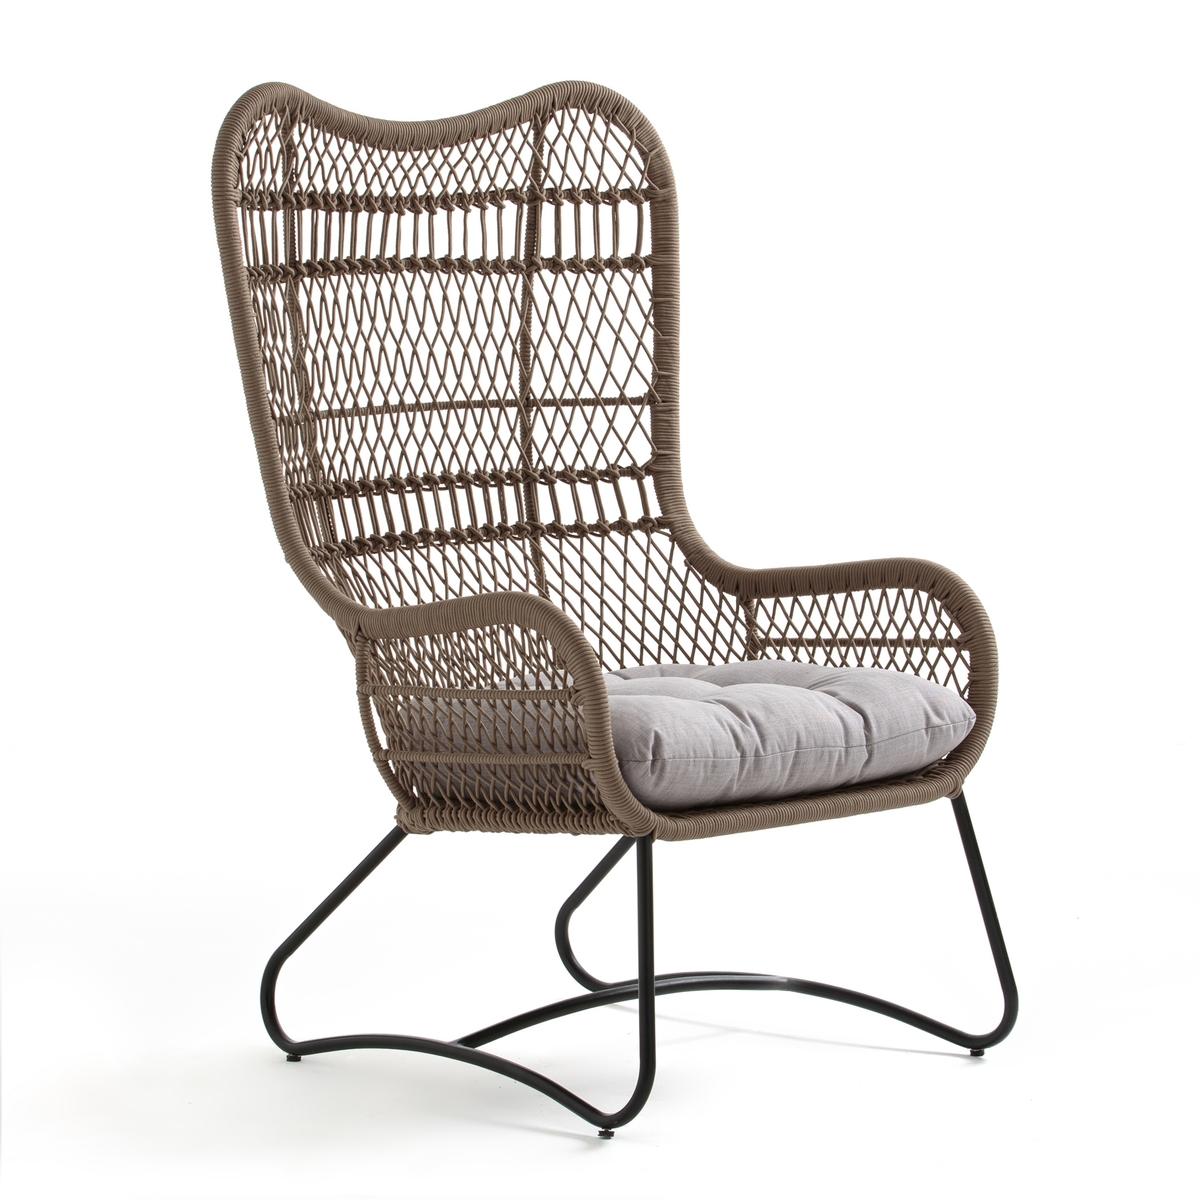 Кресло La Redoute Для сада Synan единый размер бежевый наволочка la redoute estavelle 65 x 65 см белый